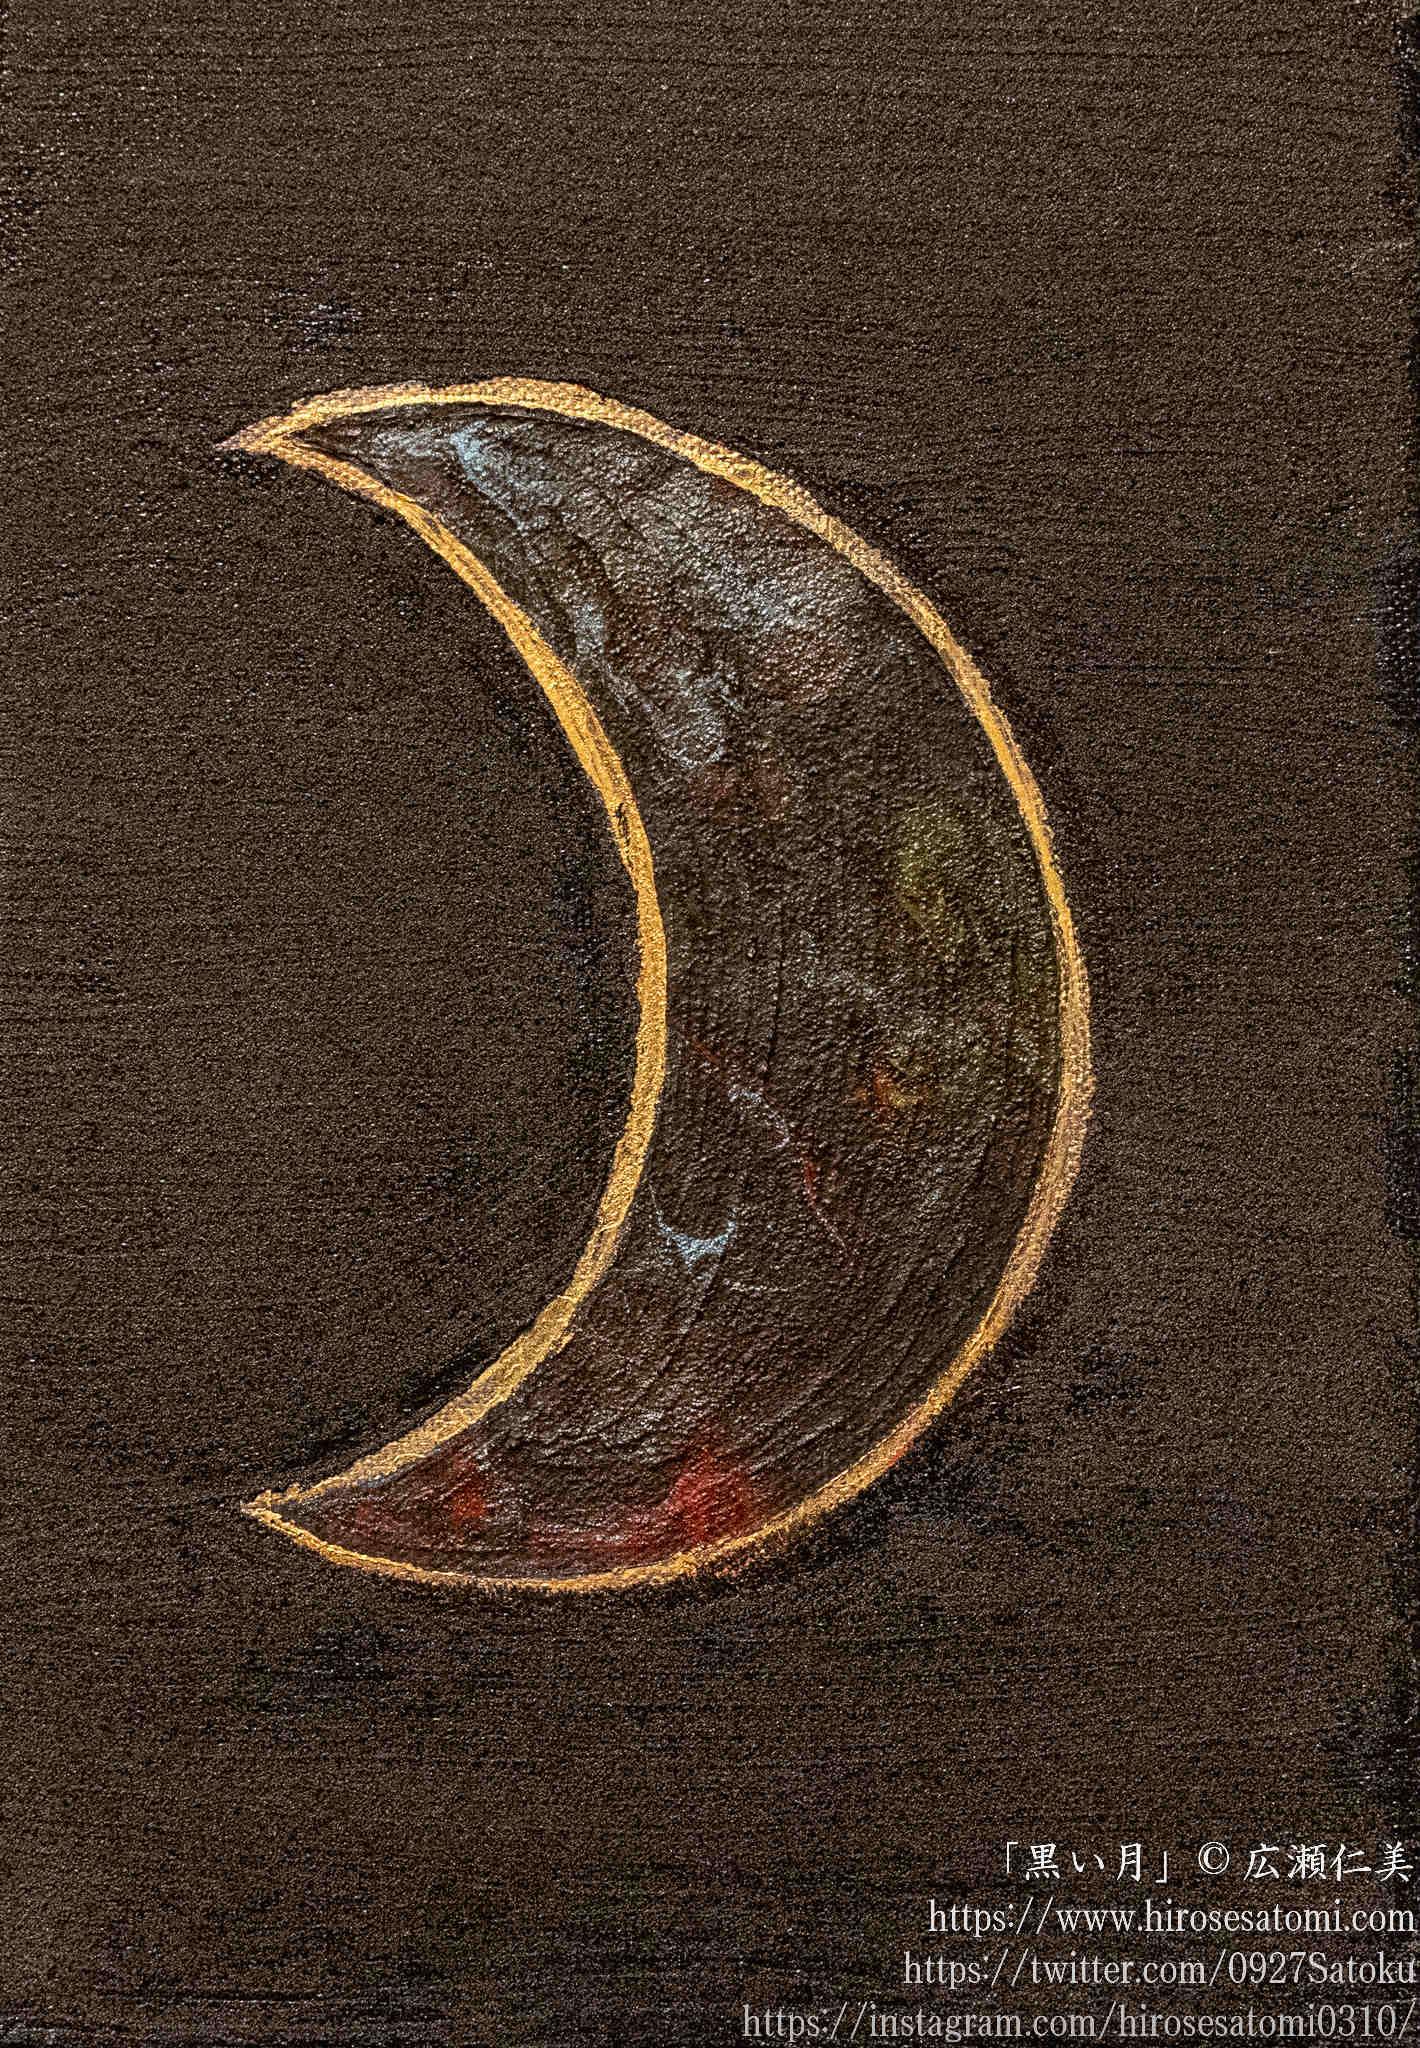 『 黒い月 』